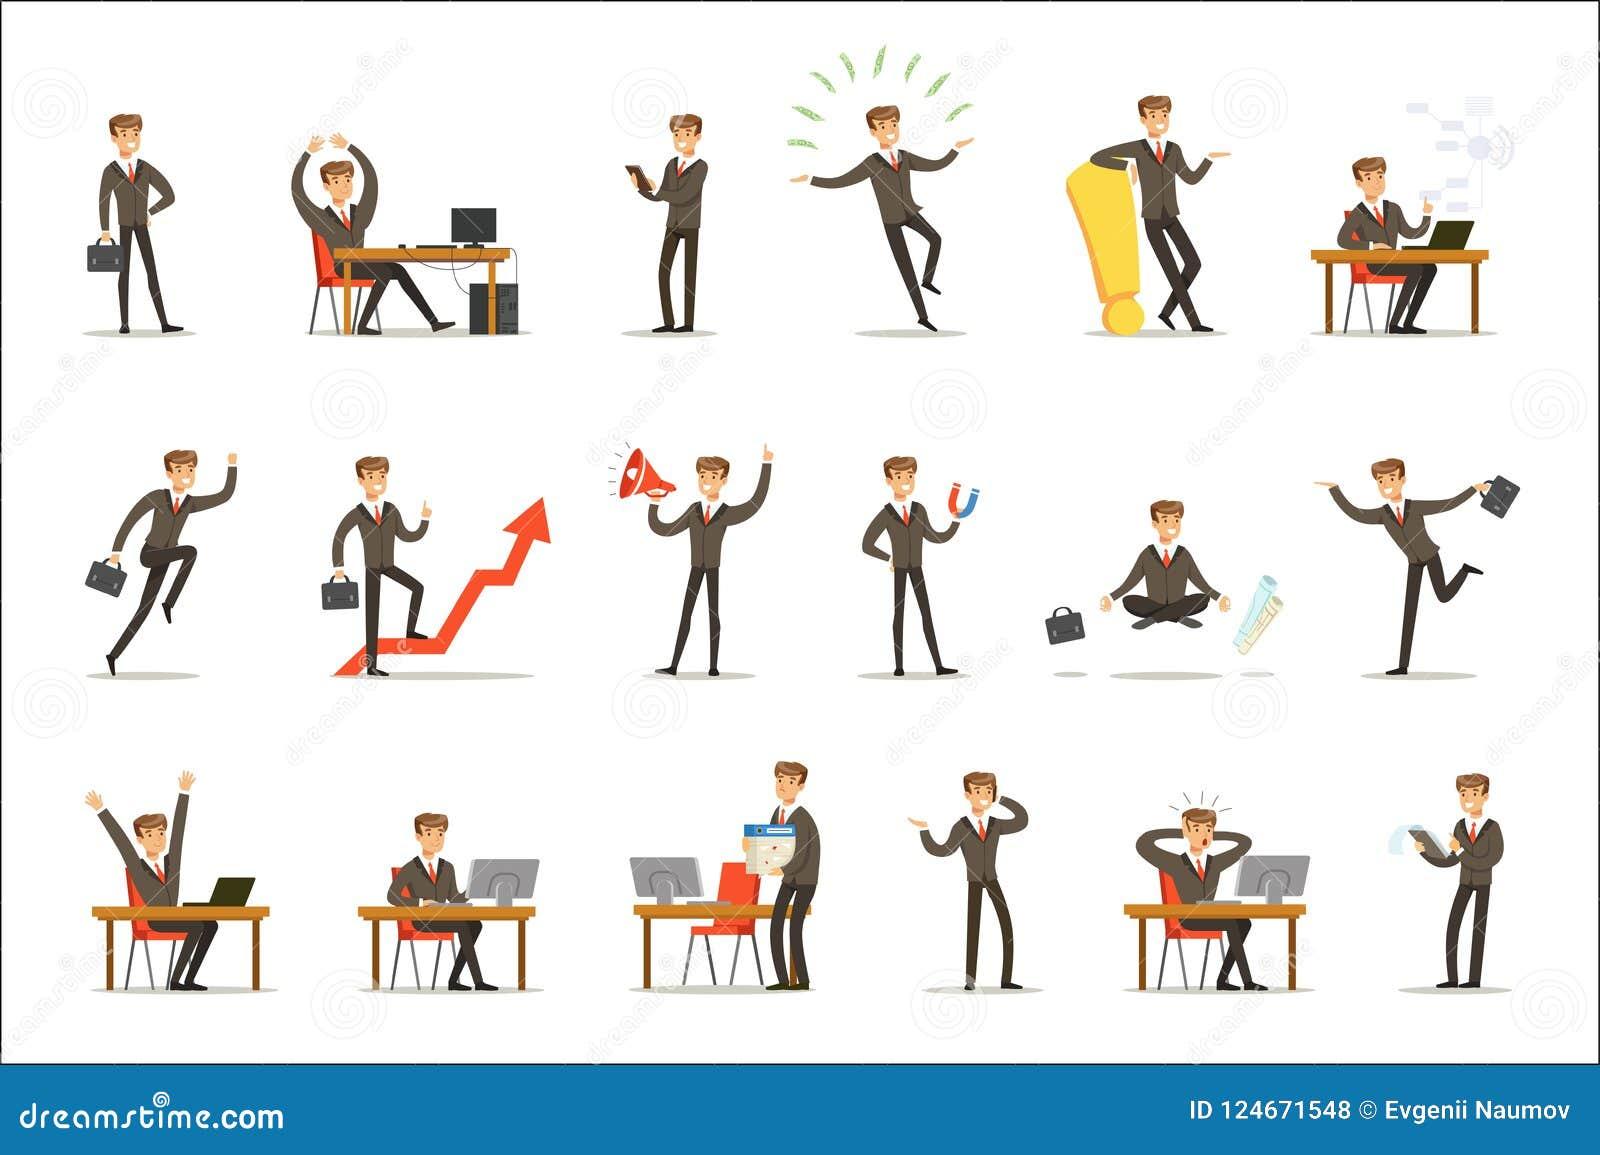 Zakenman Work Process Set van Zaken Verwante Scènes met Jonge Ondernemer Cartoon Character